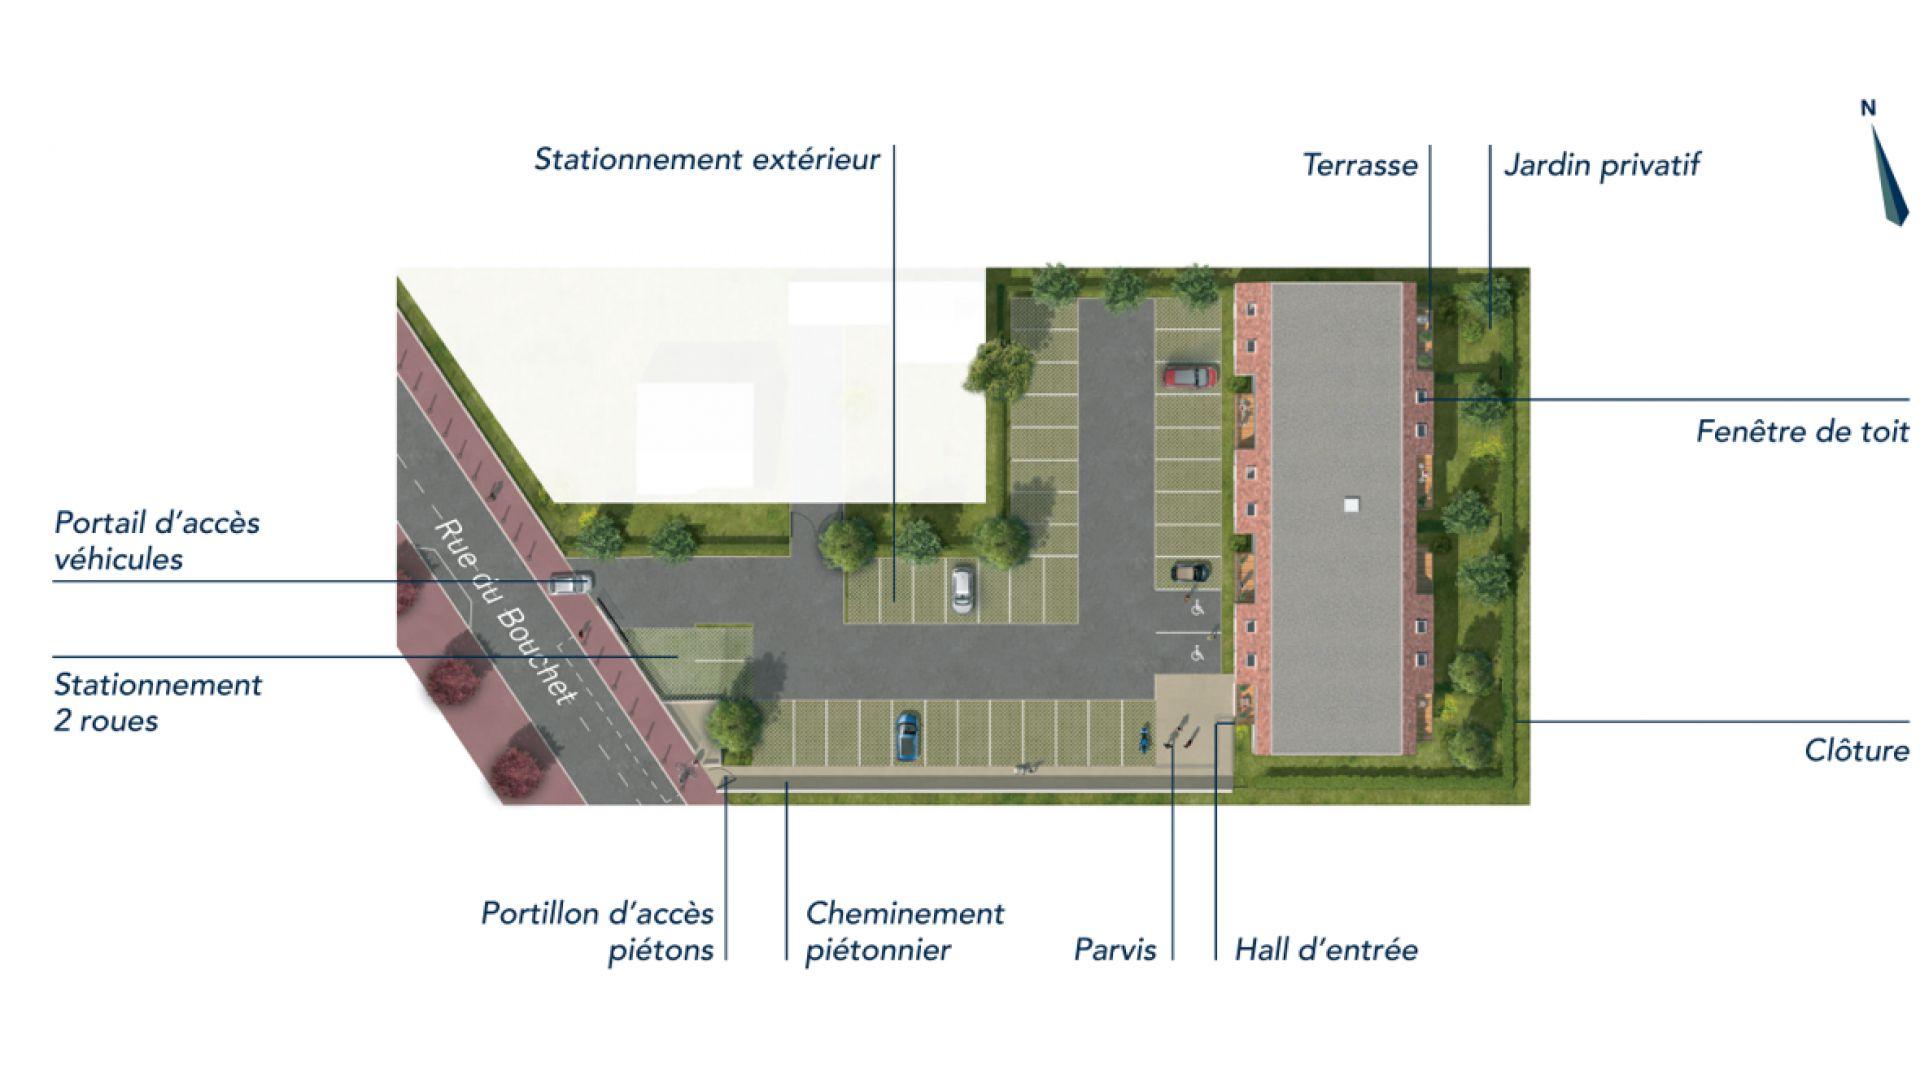 GreenCity immobilier - Vert-Le-Petit - 91710 - résidence Le Green Val - appartements neufs T2 - T3 - T4   - plan de masse